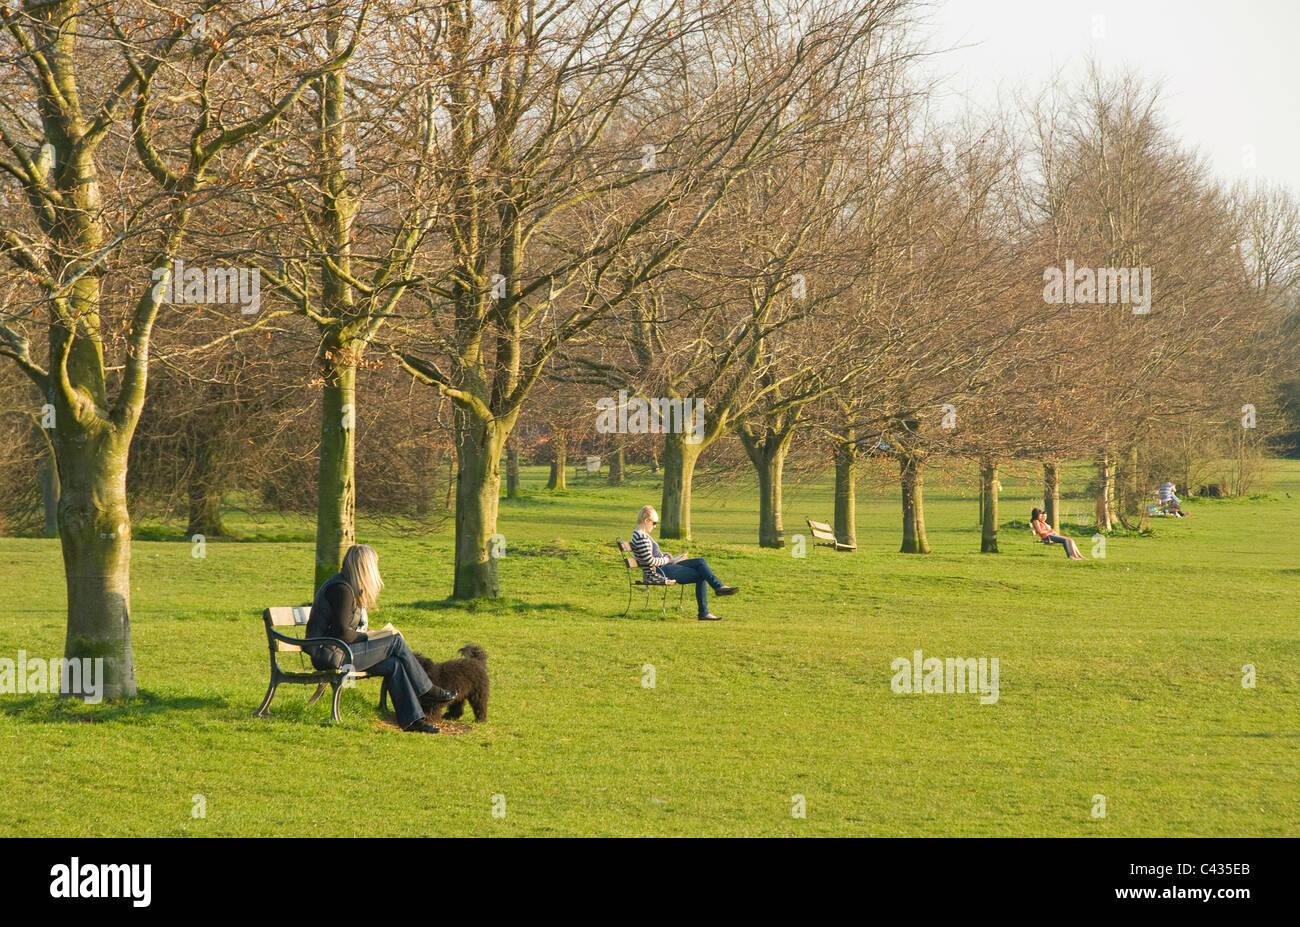 Personas Sentadas En Las Bancas De Parques, El Downs